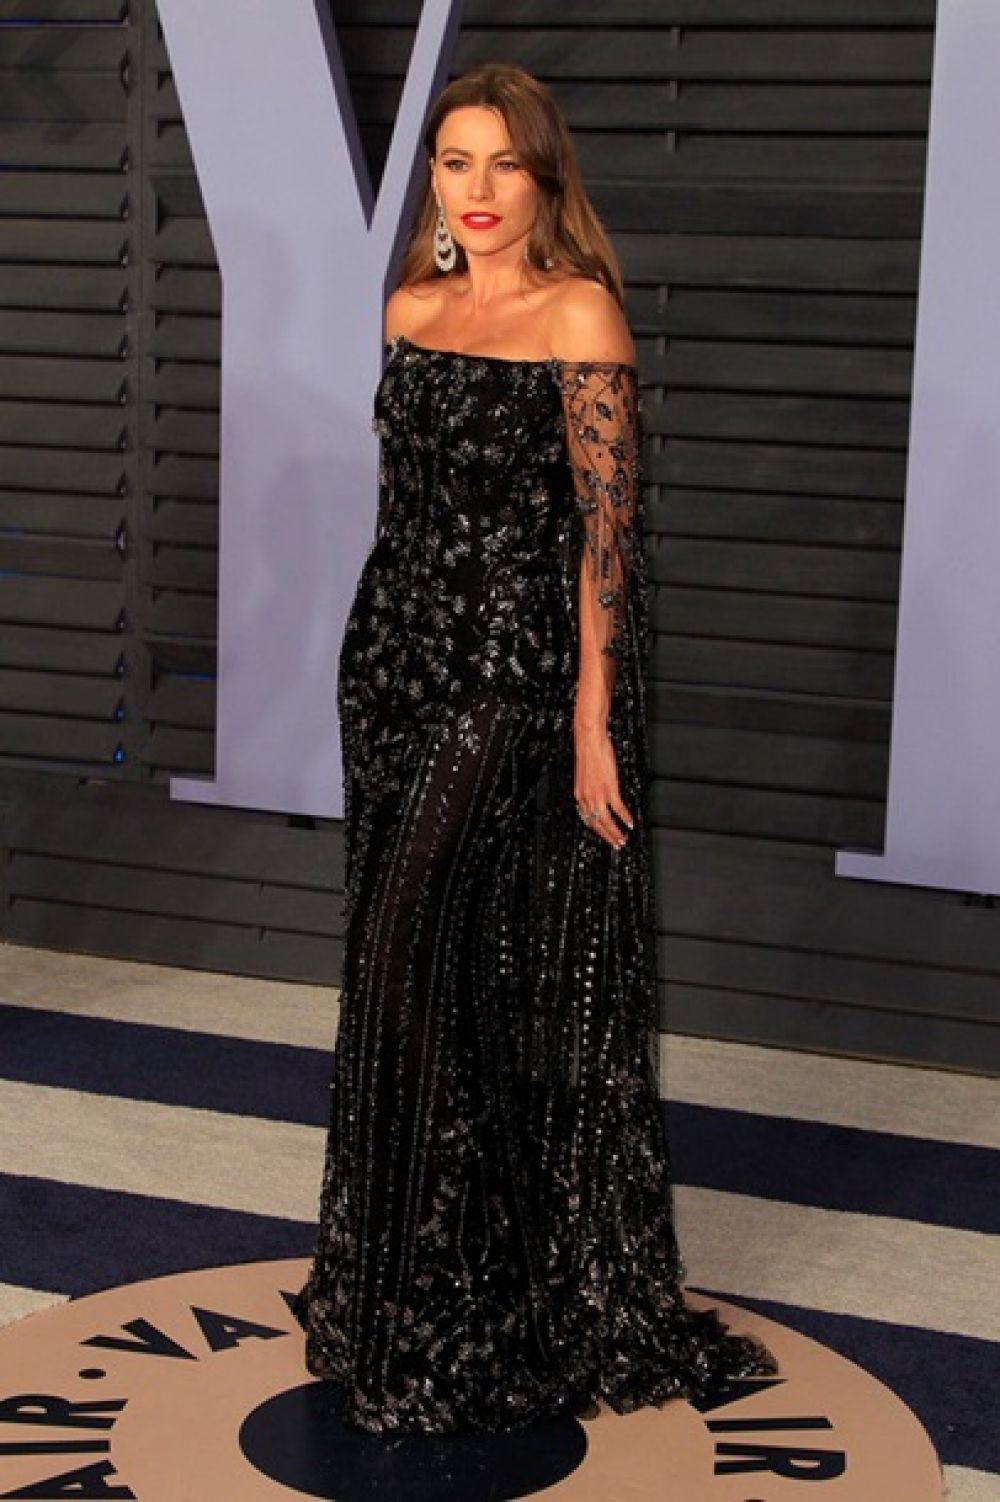 София Вергара в черном длинном платье в пол, декорированным блестками продемонстрировала сногсшибательную фигуру.